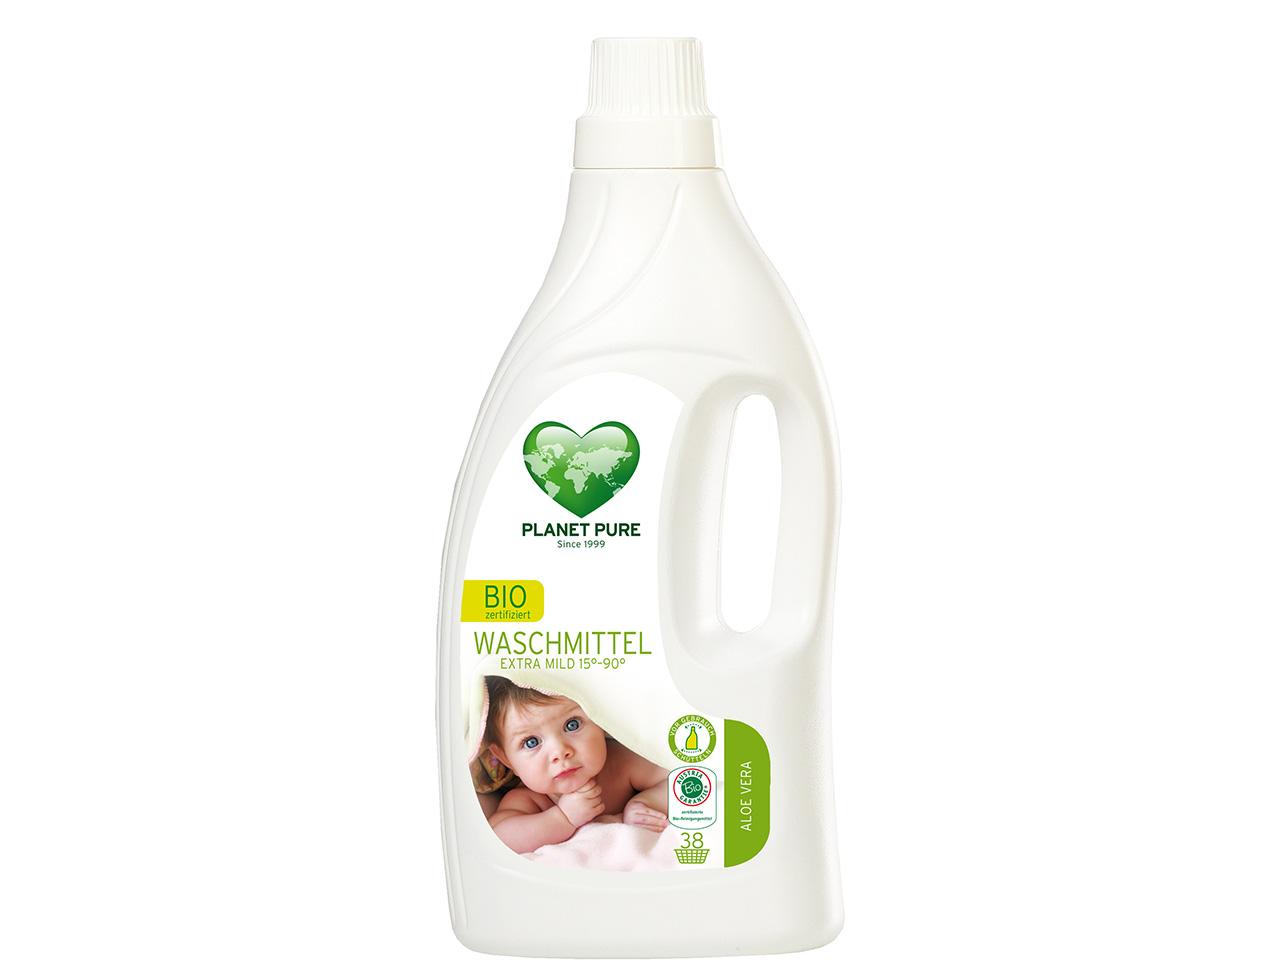 Bio Waschmittel Aloe Vera